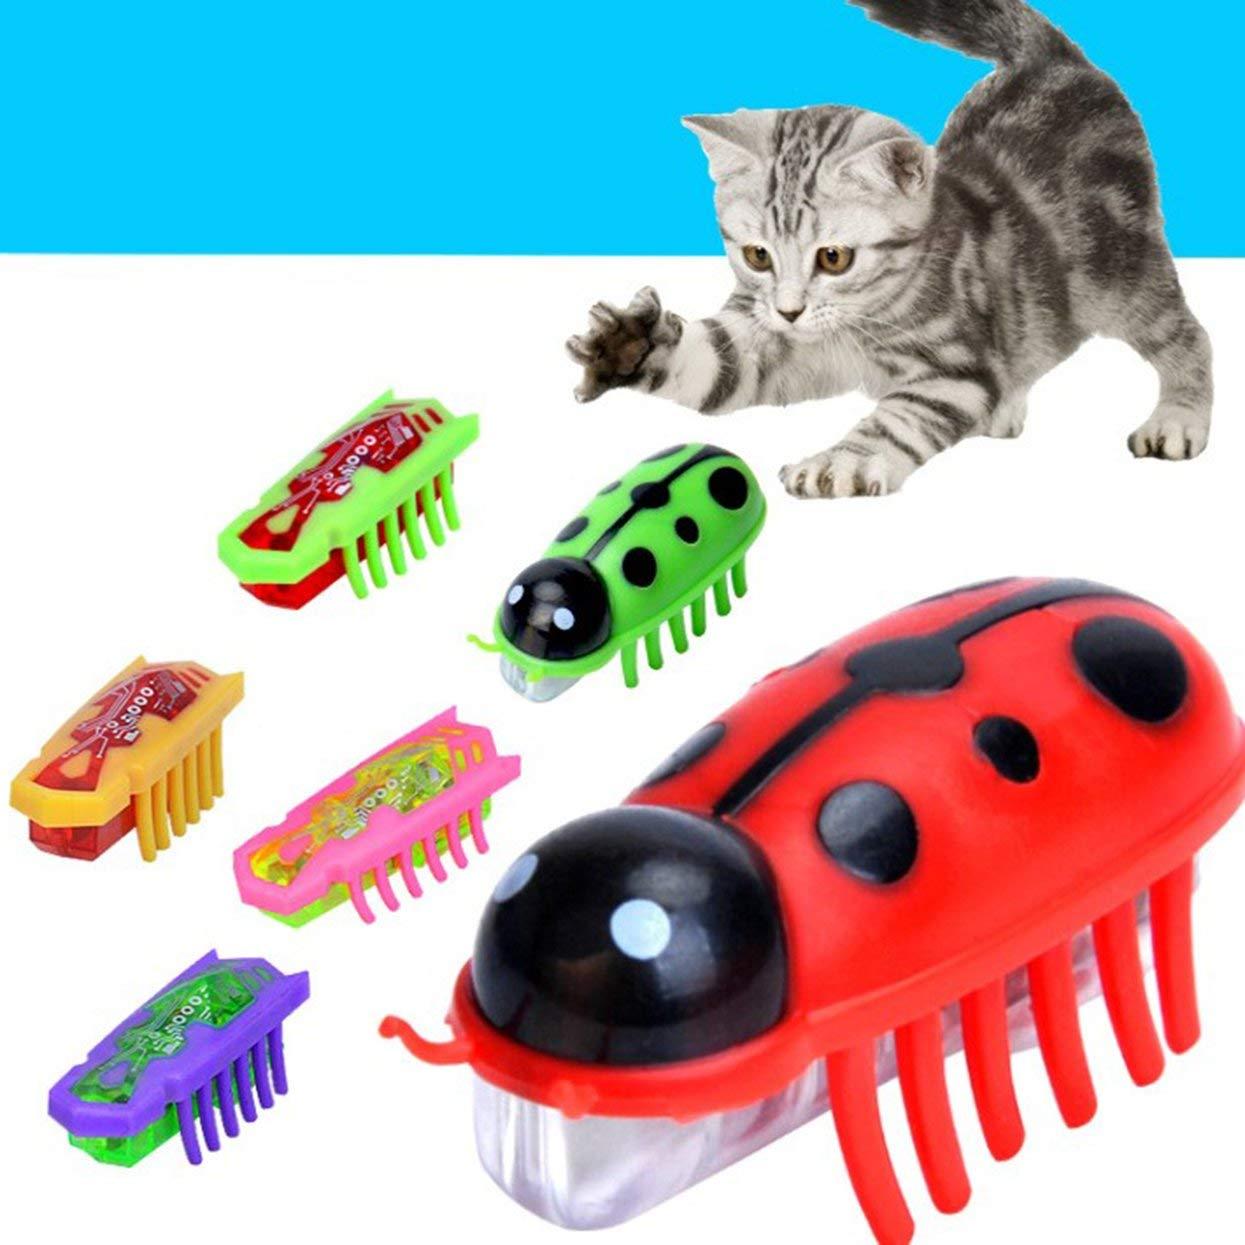 LoveOlvidoE Electrónica con Pilas Nano Insectos Mini Insecto mecánico Gato Interactivo Traning Jugando Juguetes Mascotas Suministros Herramienta: Amazon.es: ...